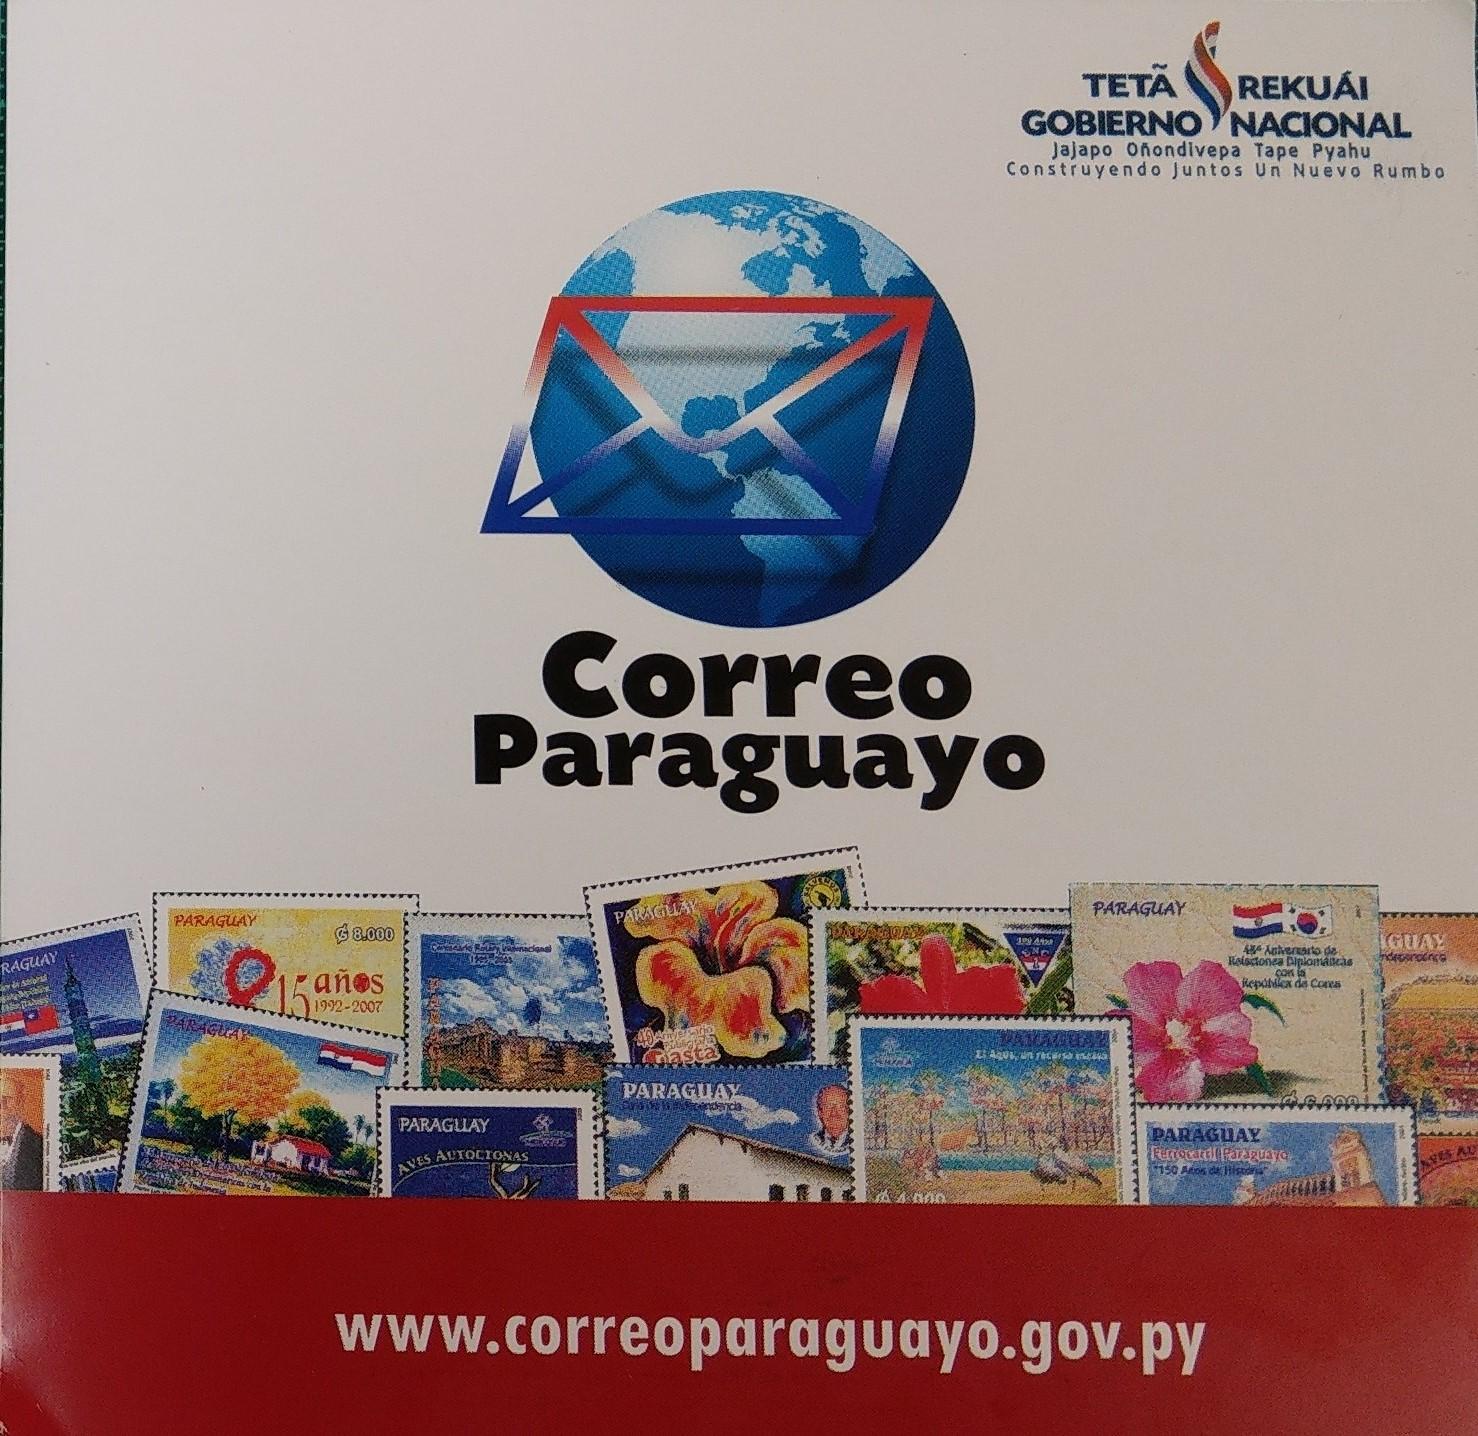 巴拉圭與中華民國建交60週年紀念郵摺封面